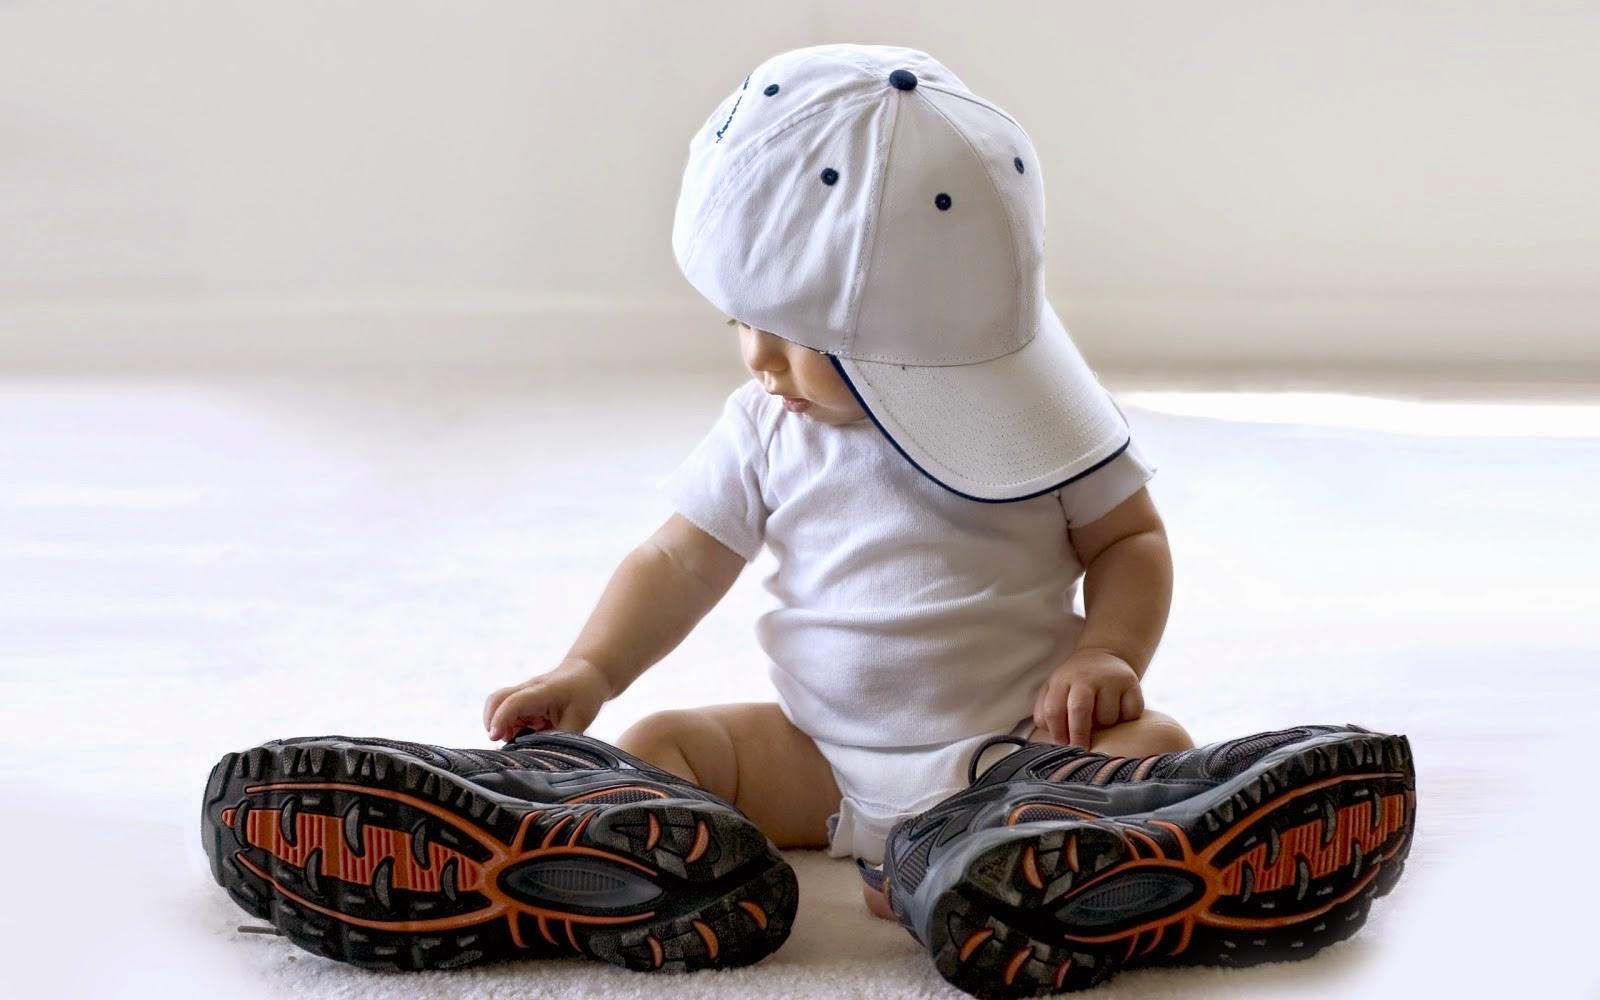 Gambar anak kecil pakai topi keren warna putih